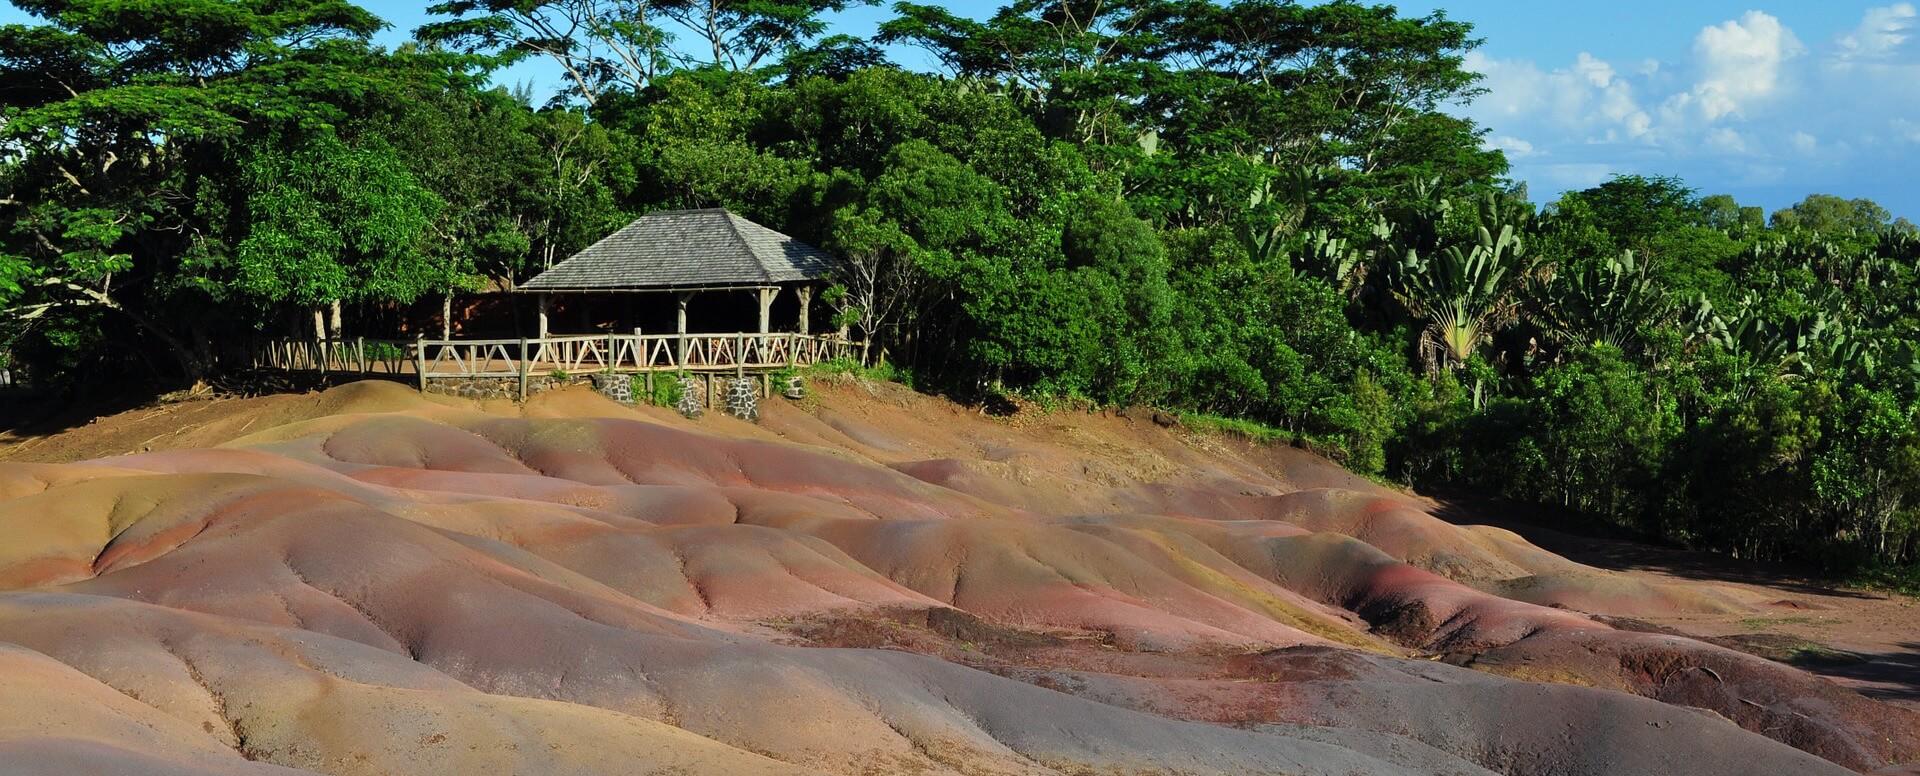 La terre des 7 couleurs - Île Maurice